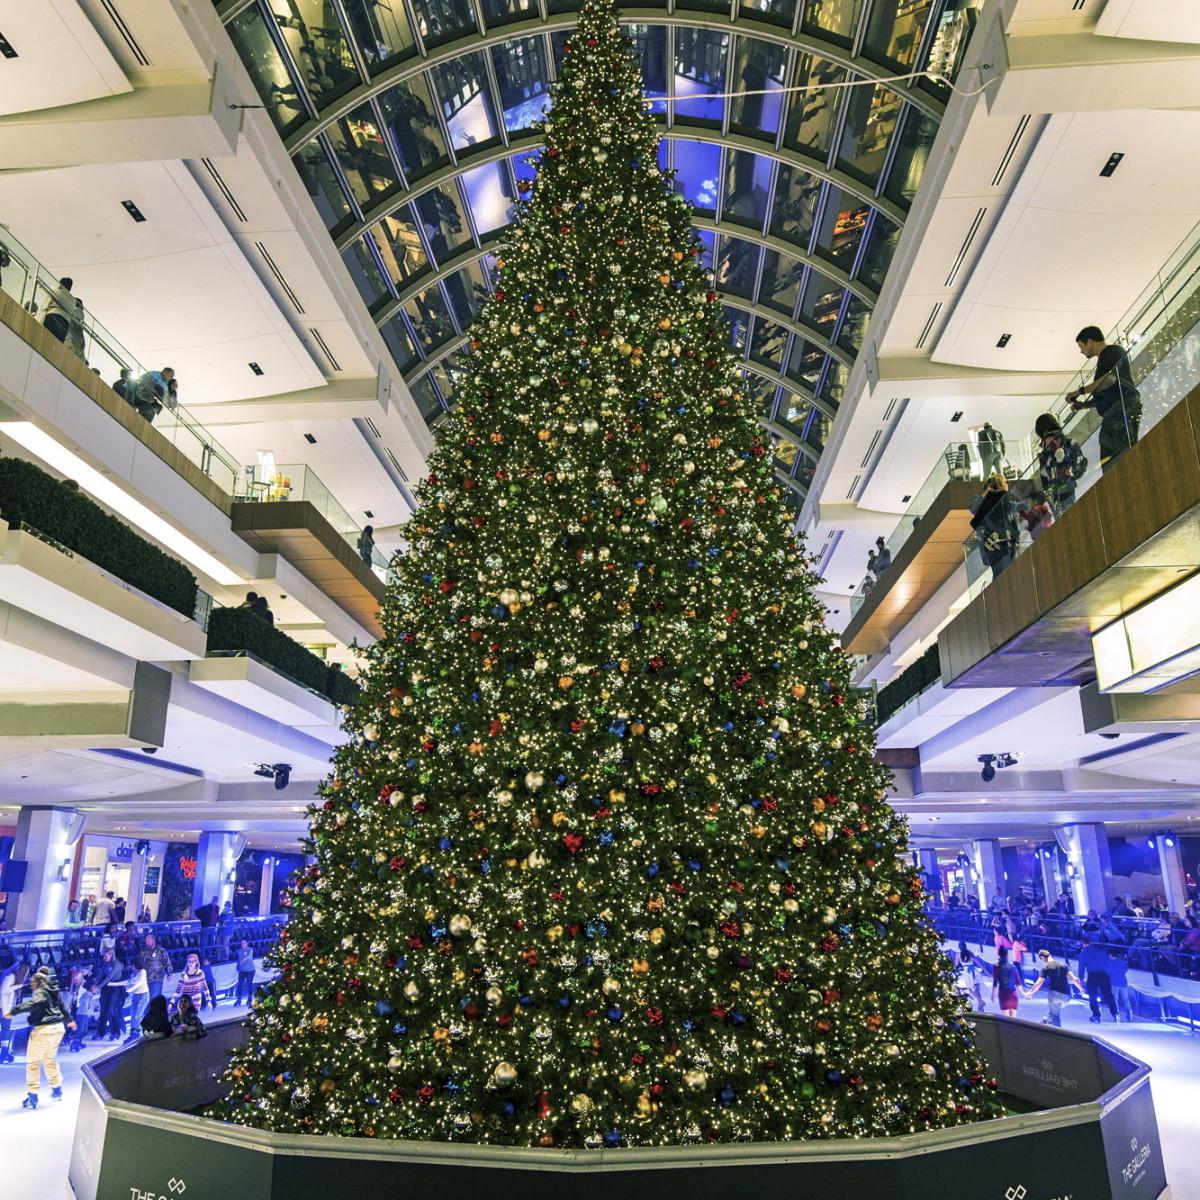 Galleria Tree Lighting Nov 2015